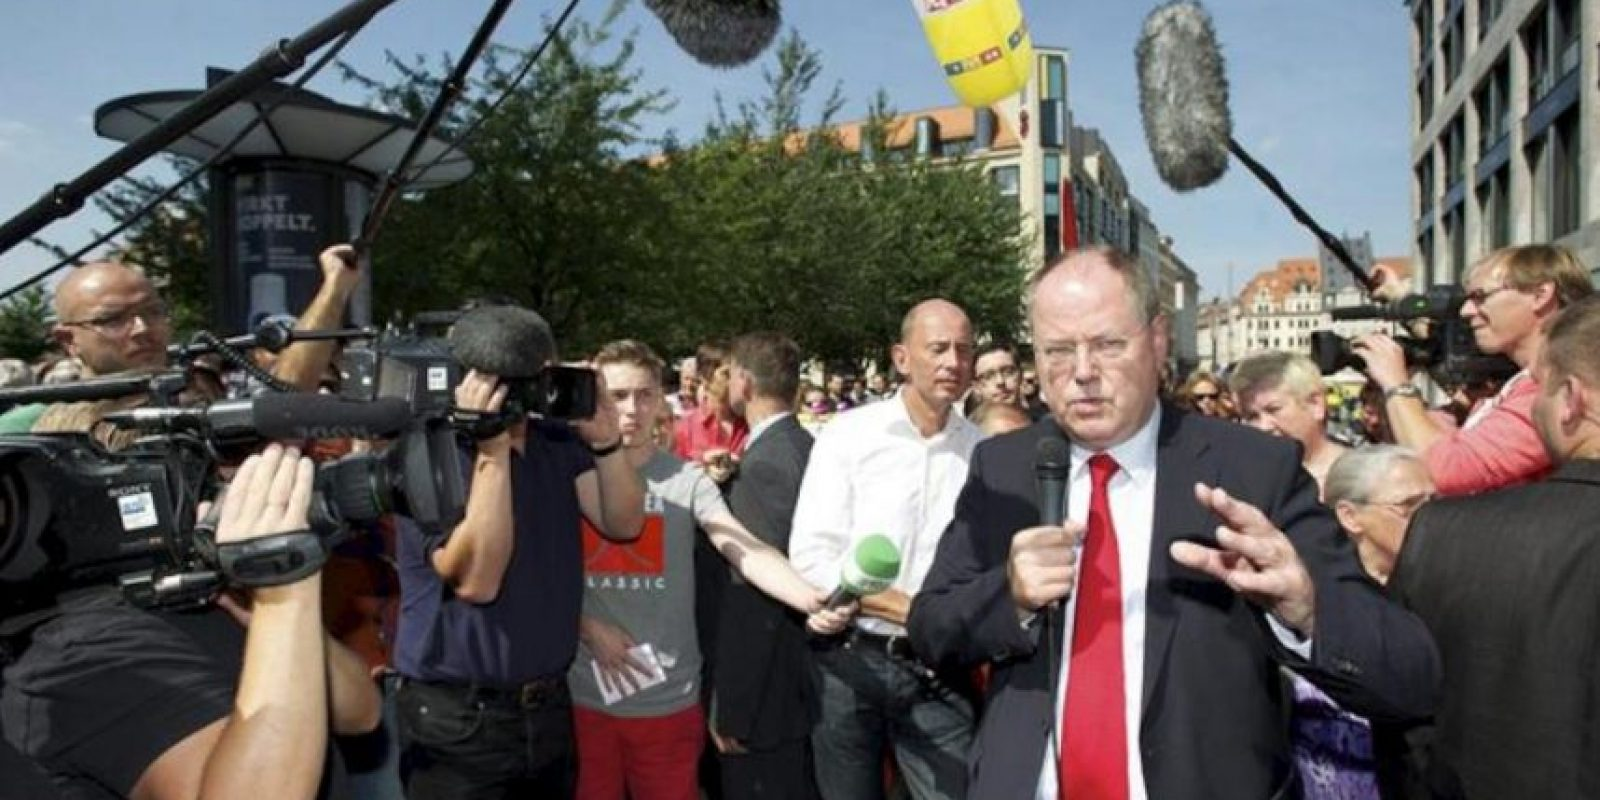 El candidato a canciller del Partido Socialdemócrata (SPD), Peer Steinbrueck (d), se dirige a su audiencia rodeado por los medios de comunicación en un puesto informativo del partido político en el centro de Leipzig, Alemania, el 22 de agosto de 2013. EFE